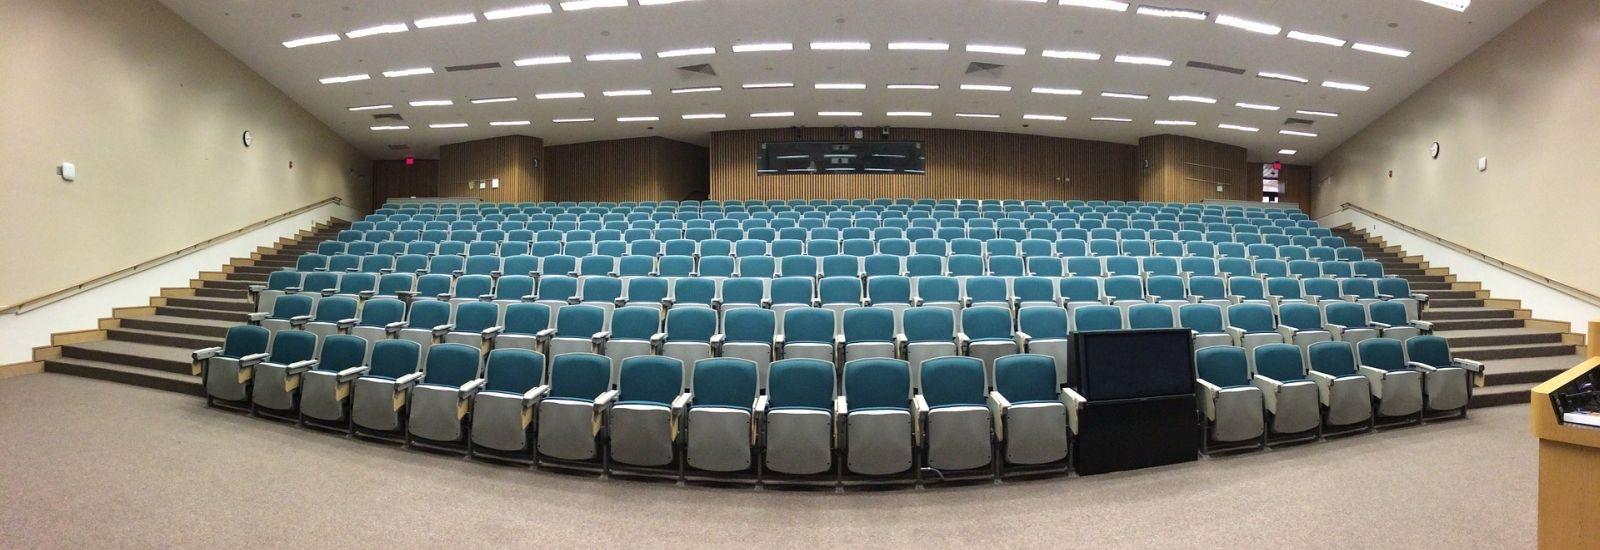 Wojewódzkie Seminarium Szkolnictwa Zawodowego, Turek